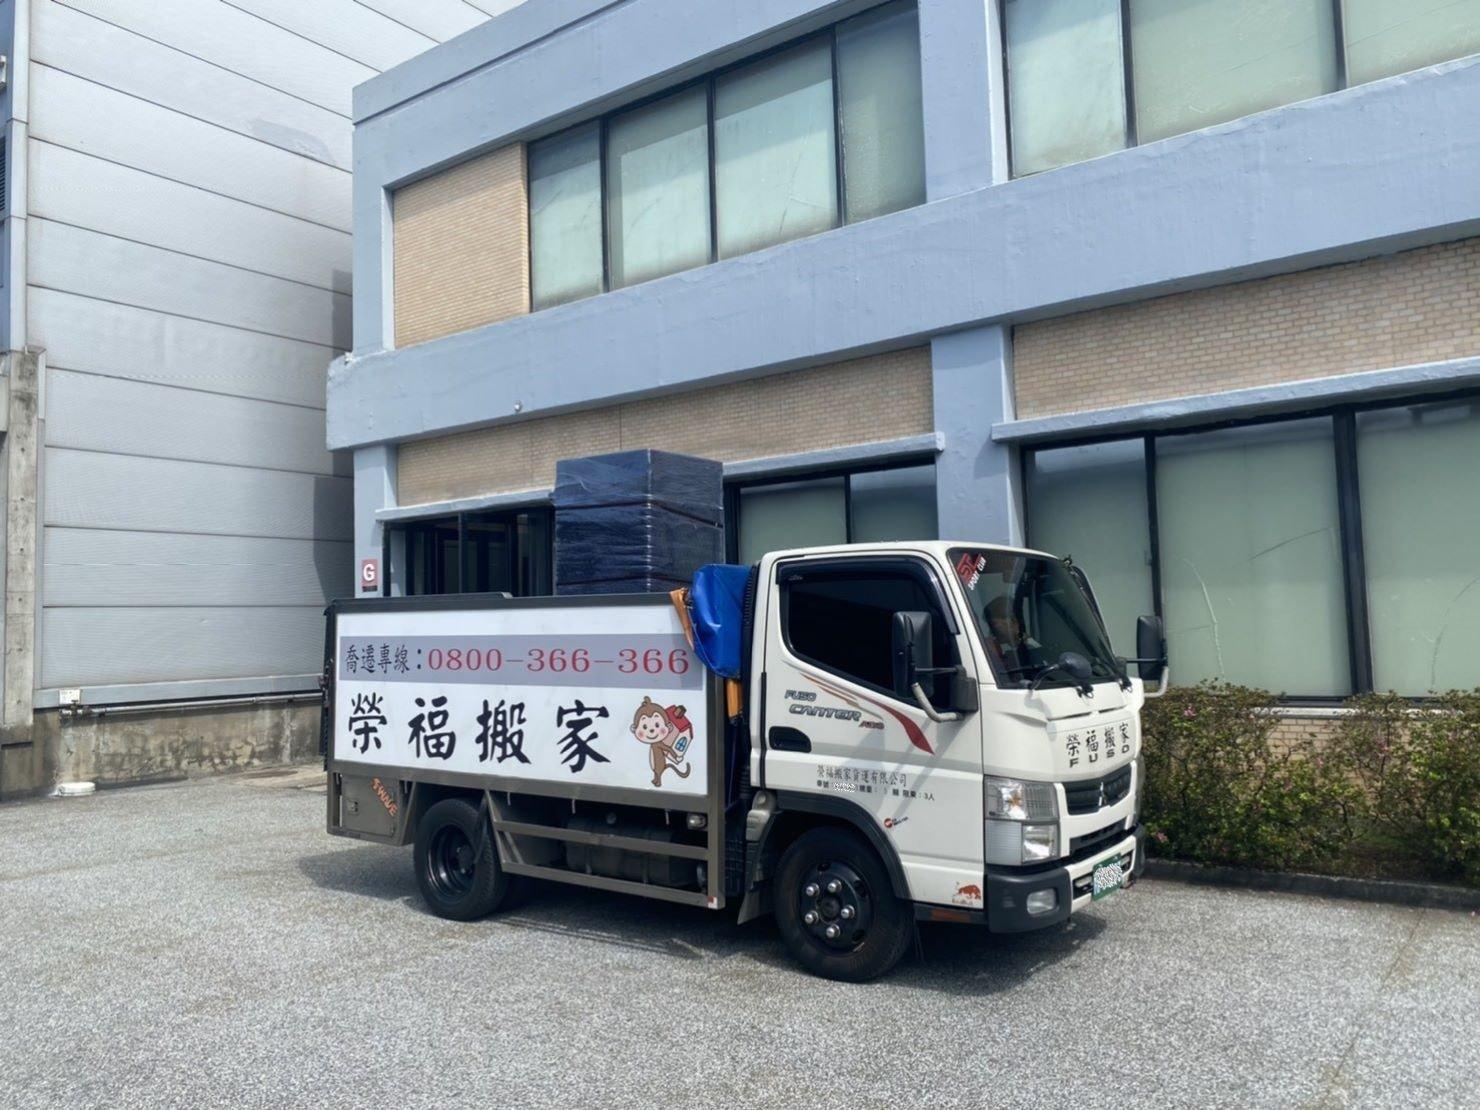 搬家公司【榮福搬家公司】搬冰箱、優質搬遷值得您的信賴與選擇:將冰箱固定好於貨車上,準備送往顧客方維修囉。